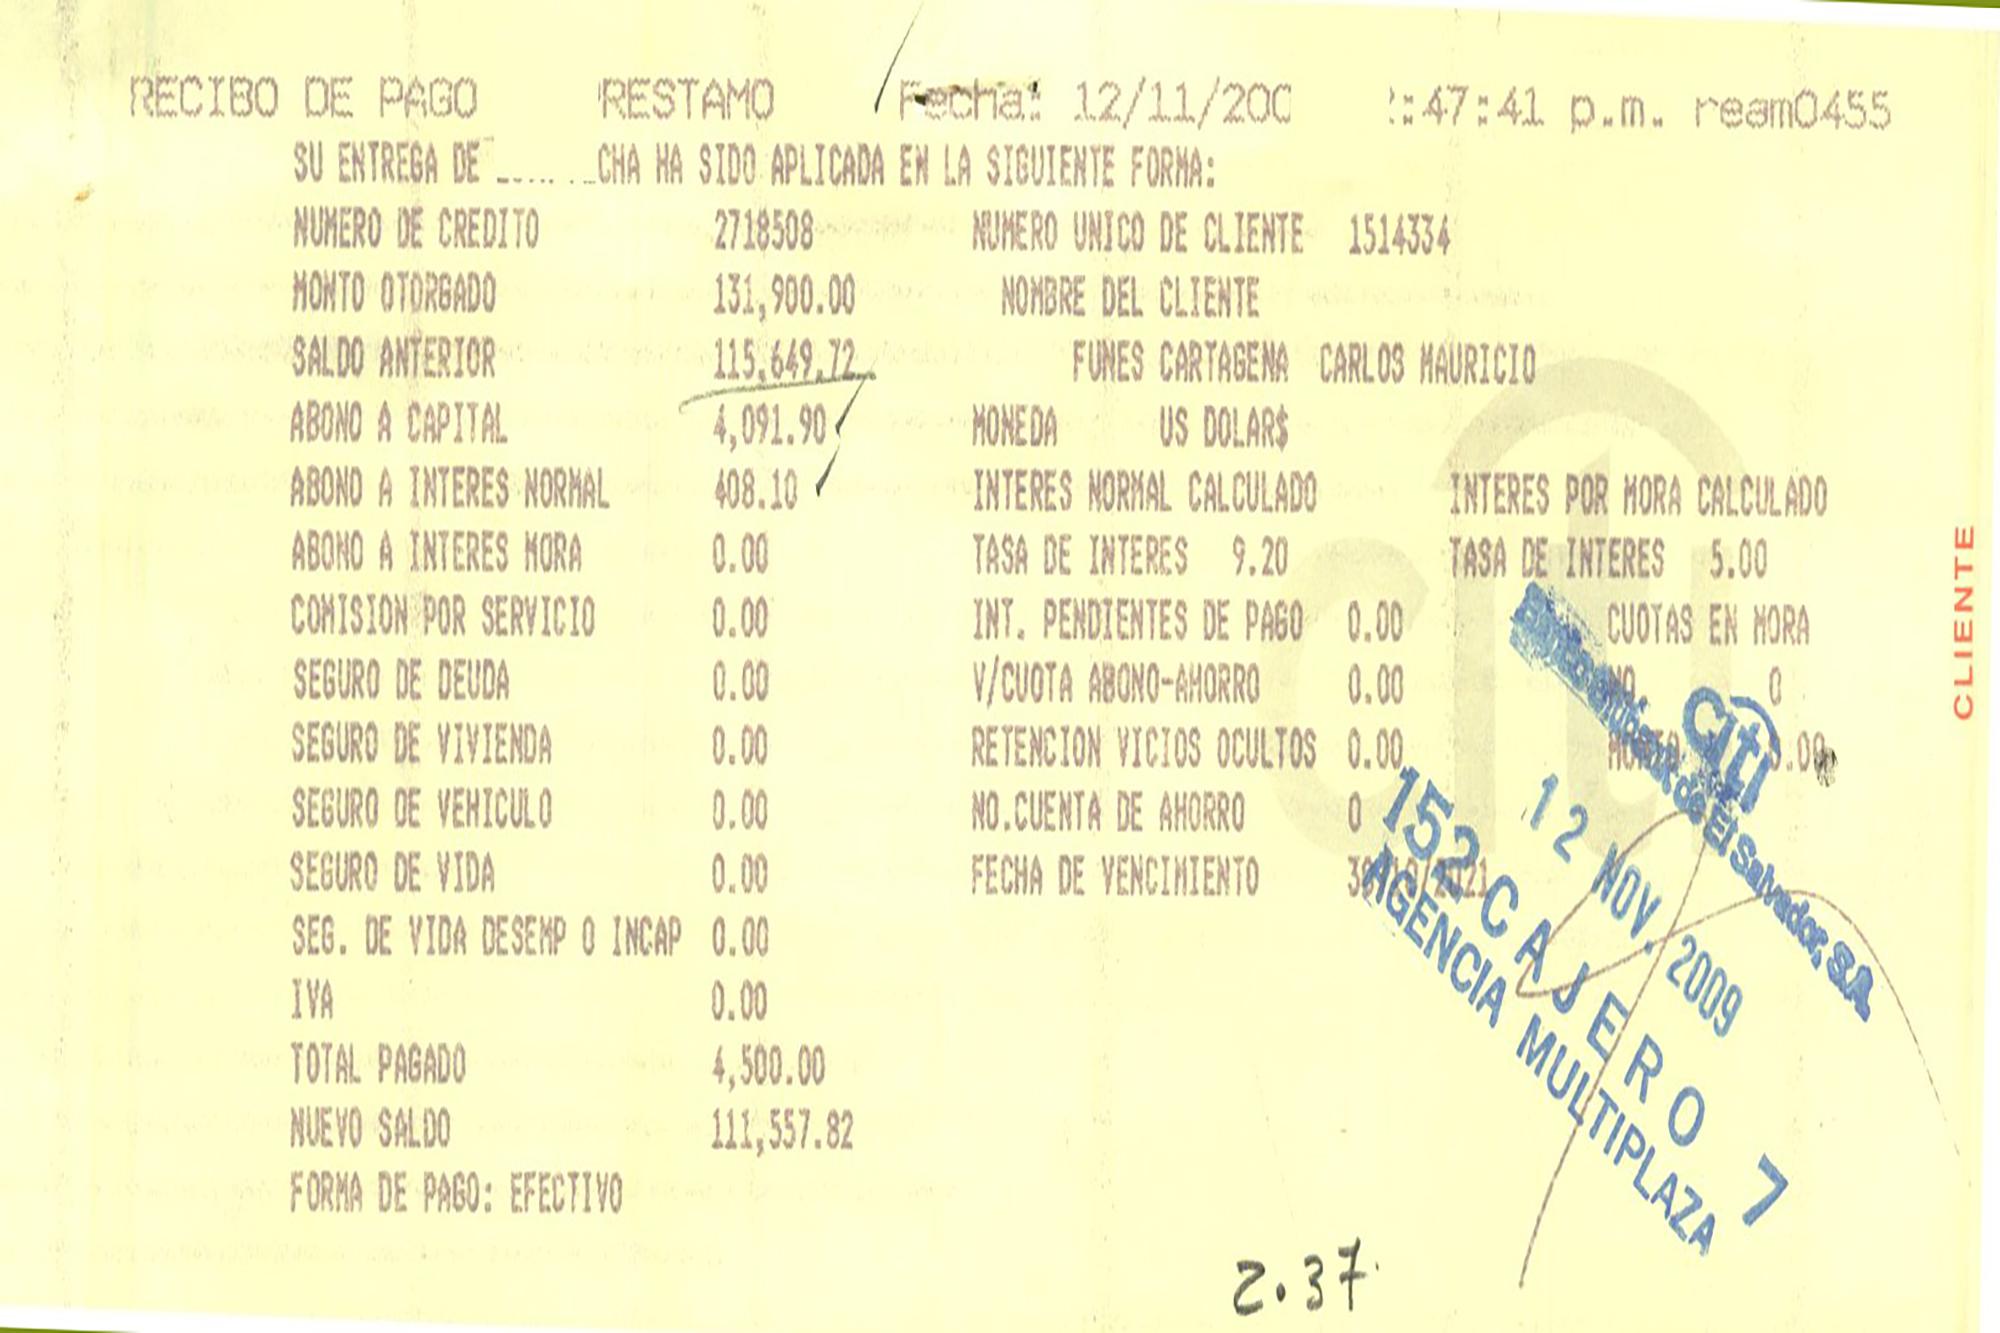 El 12 de noviembre de 2009, cinco meses después de asumir, el entonces presidente Funes triplicó la cuota mensual que abonaba a su préstamo hipotecario. Cuando fue periodista, el banco le descontaba de planilla $1,500. La cuota se mantuvo durante casi tres años. Ya una vez en Presidencia, empezó a abonar a su deuda $4,500 al mes, casi $300 más de lo que recibía como salario líquido.